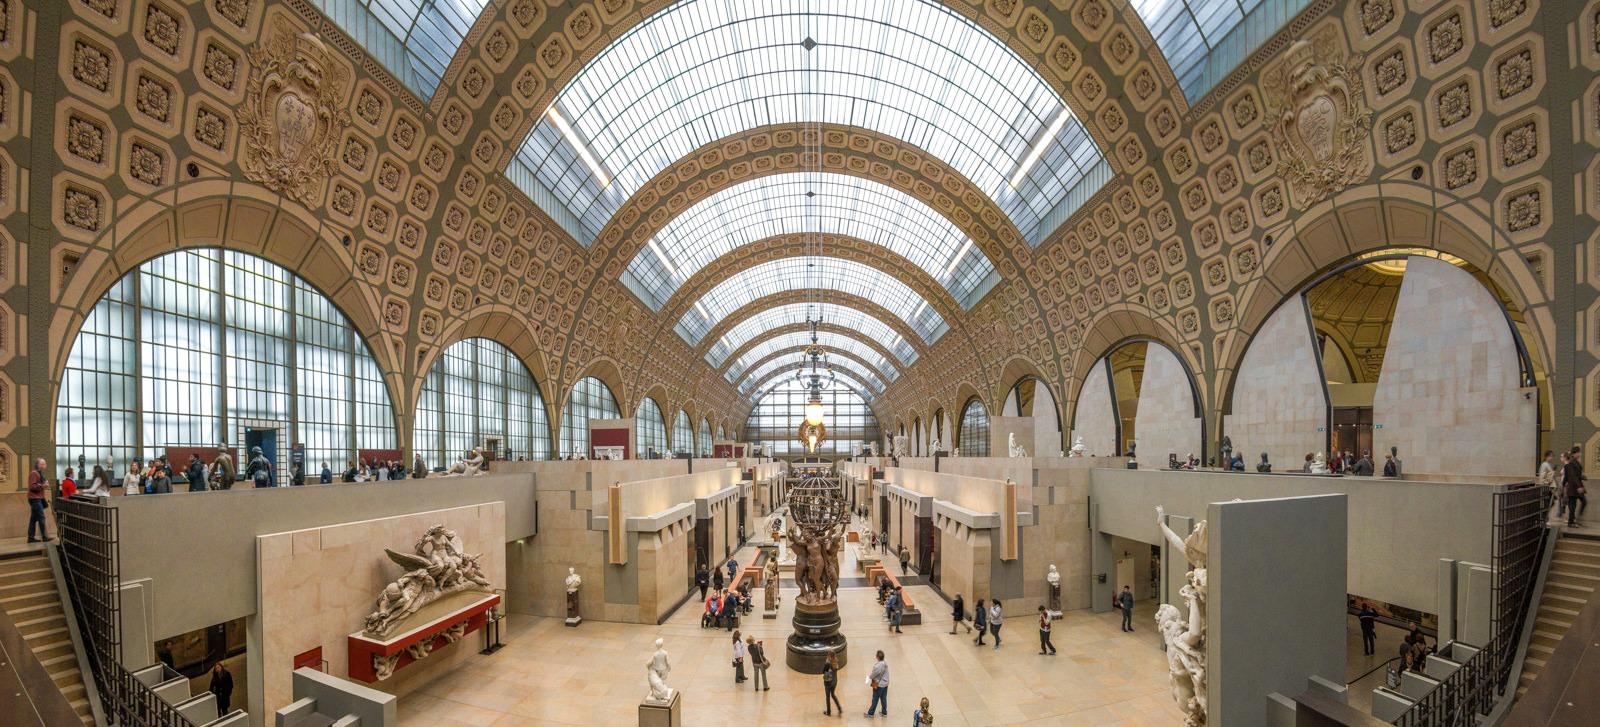 Panorama de 6 images à l'intérieur du musée d'Orsay pour saisir toute la largeur de la halle